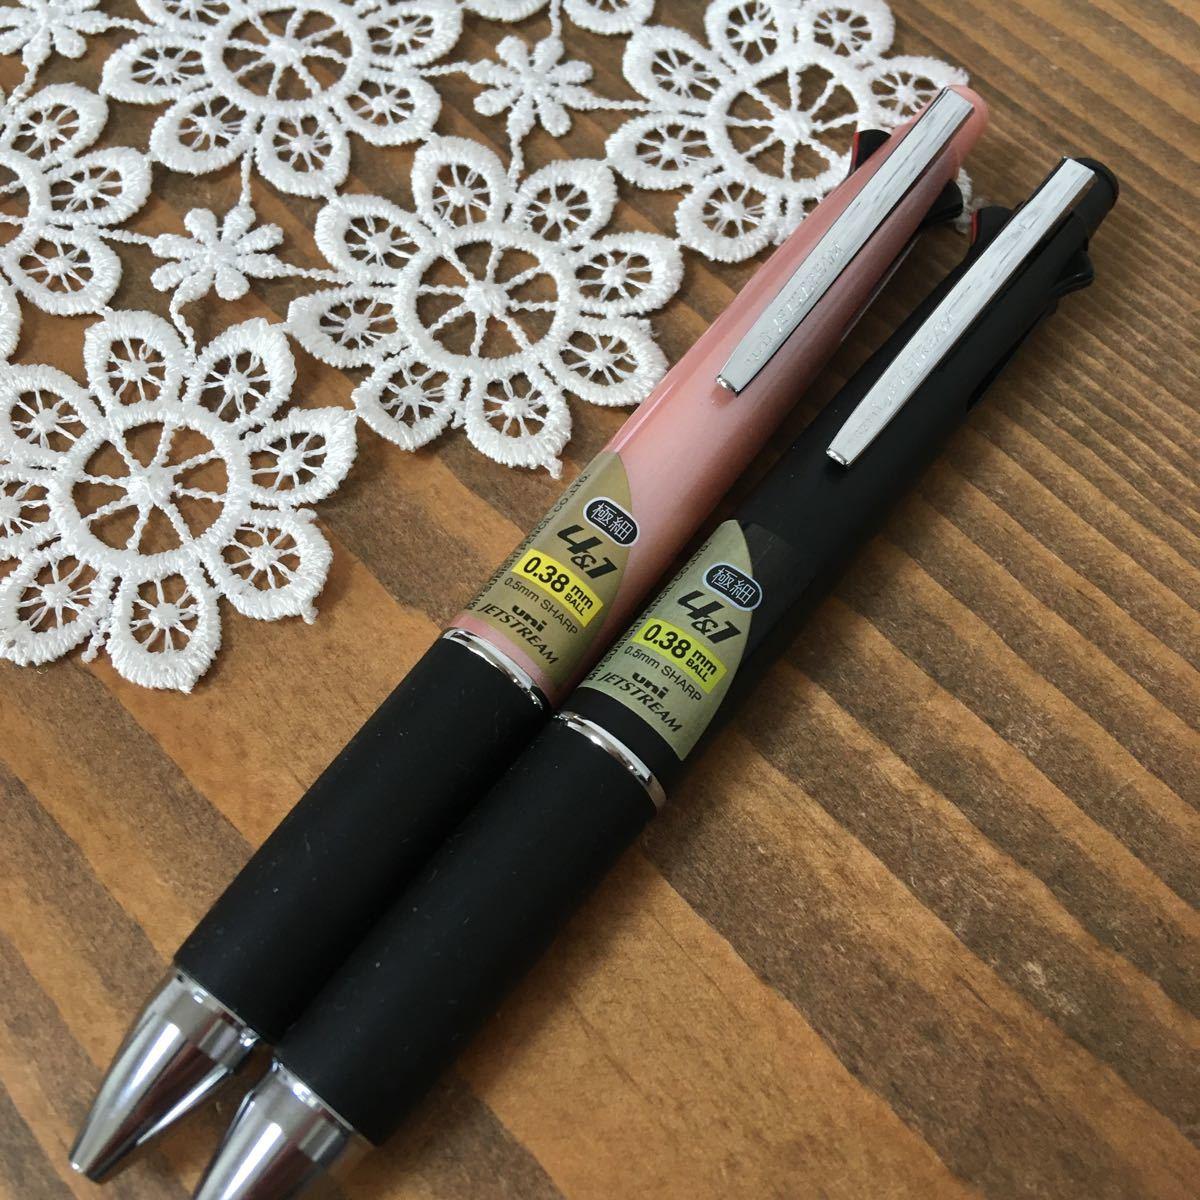 新品  極細  0.38mm 4&1 日本製 ジェットストリーム ボールペン uni 2本まとめ売り 送料140円  ベビーピンク  ブラック_画像1